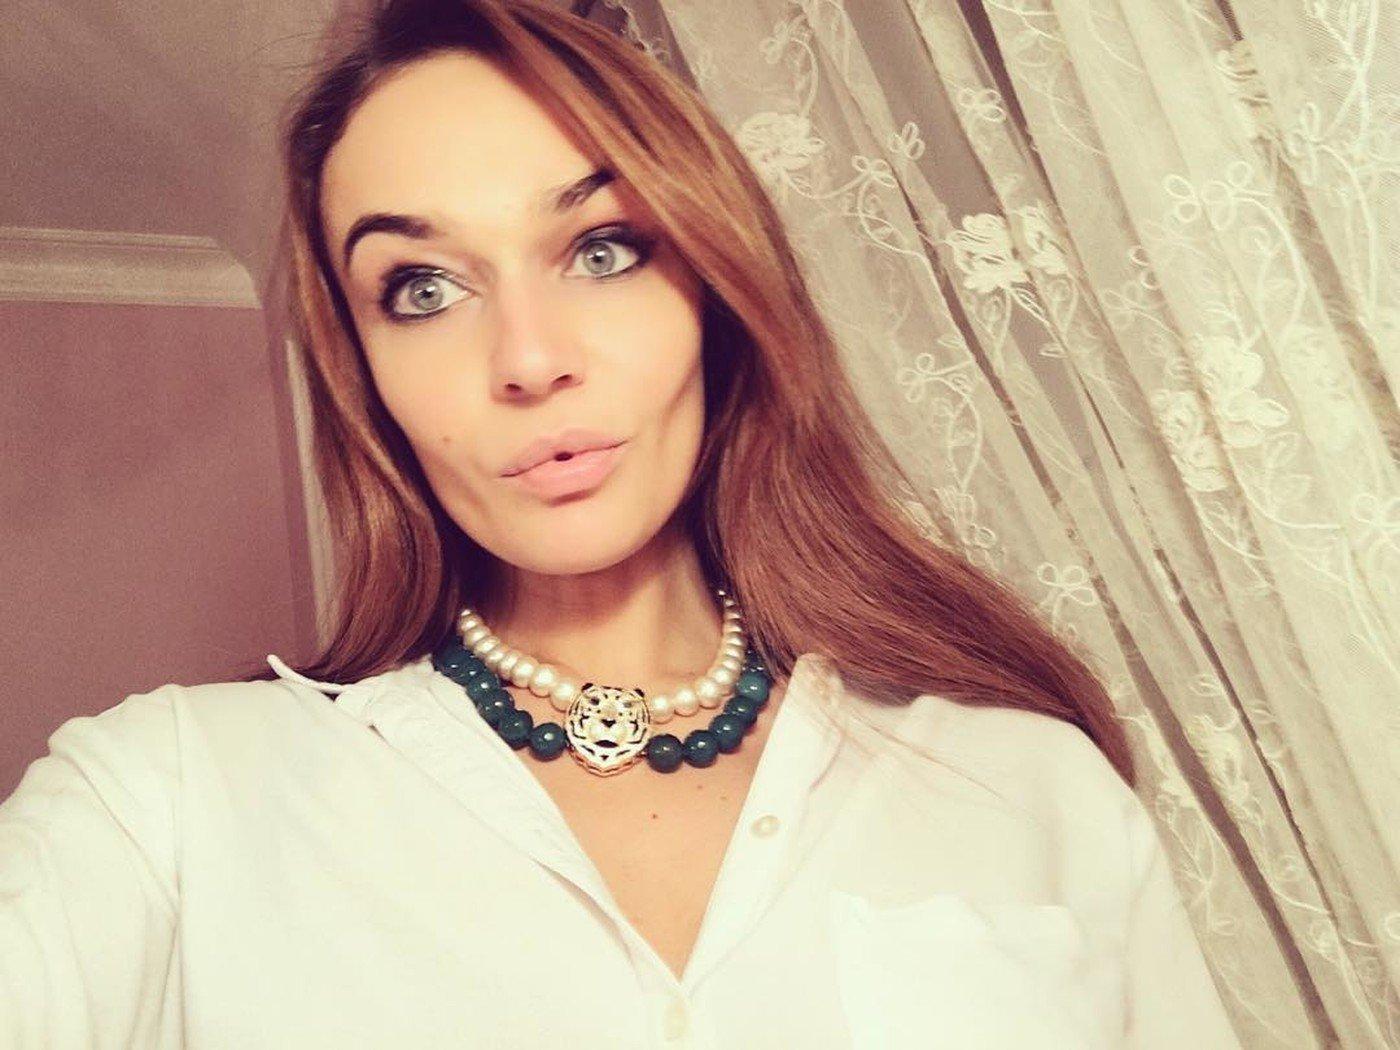 Твиттер алены водонаевой, Алена Водонаева в Инстаграм - новые фото и видео 27 фотография